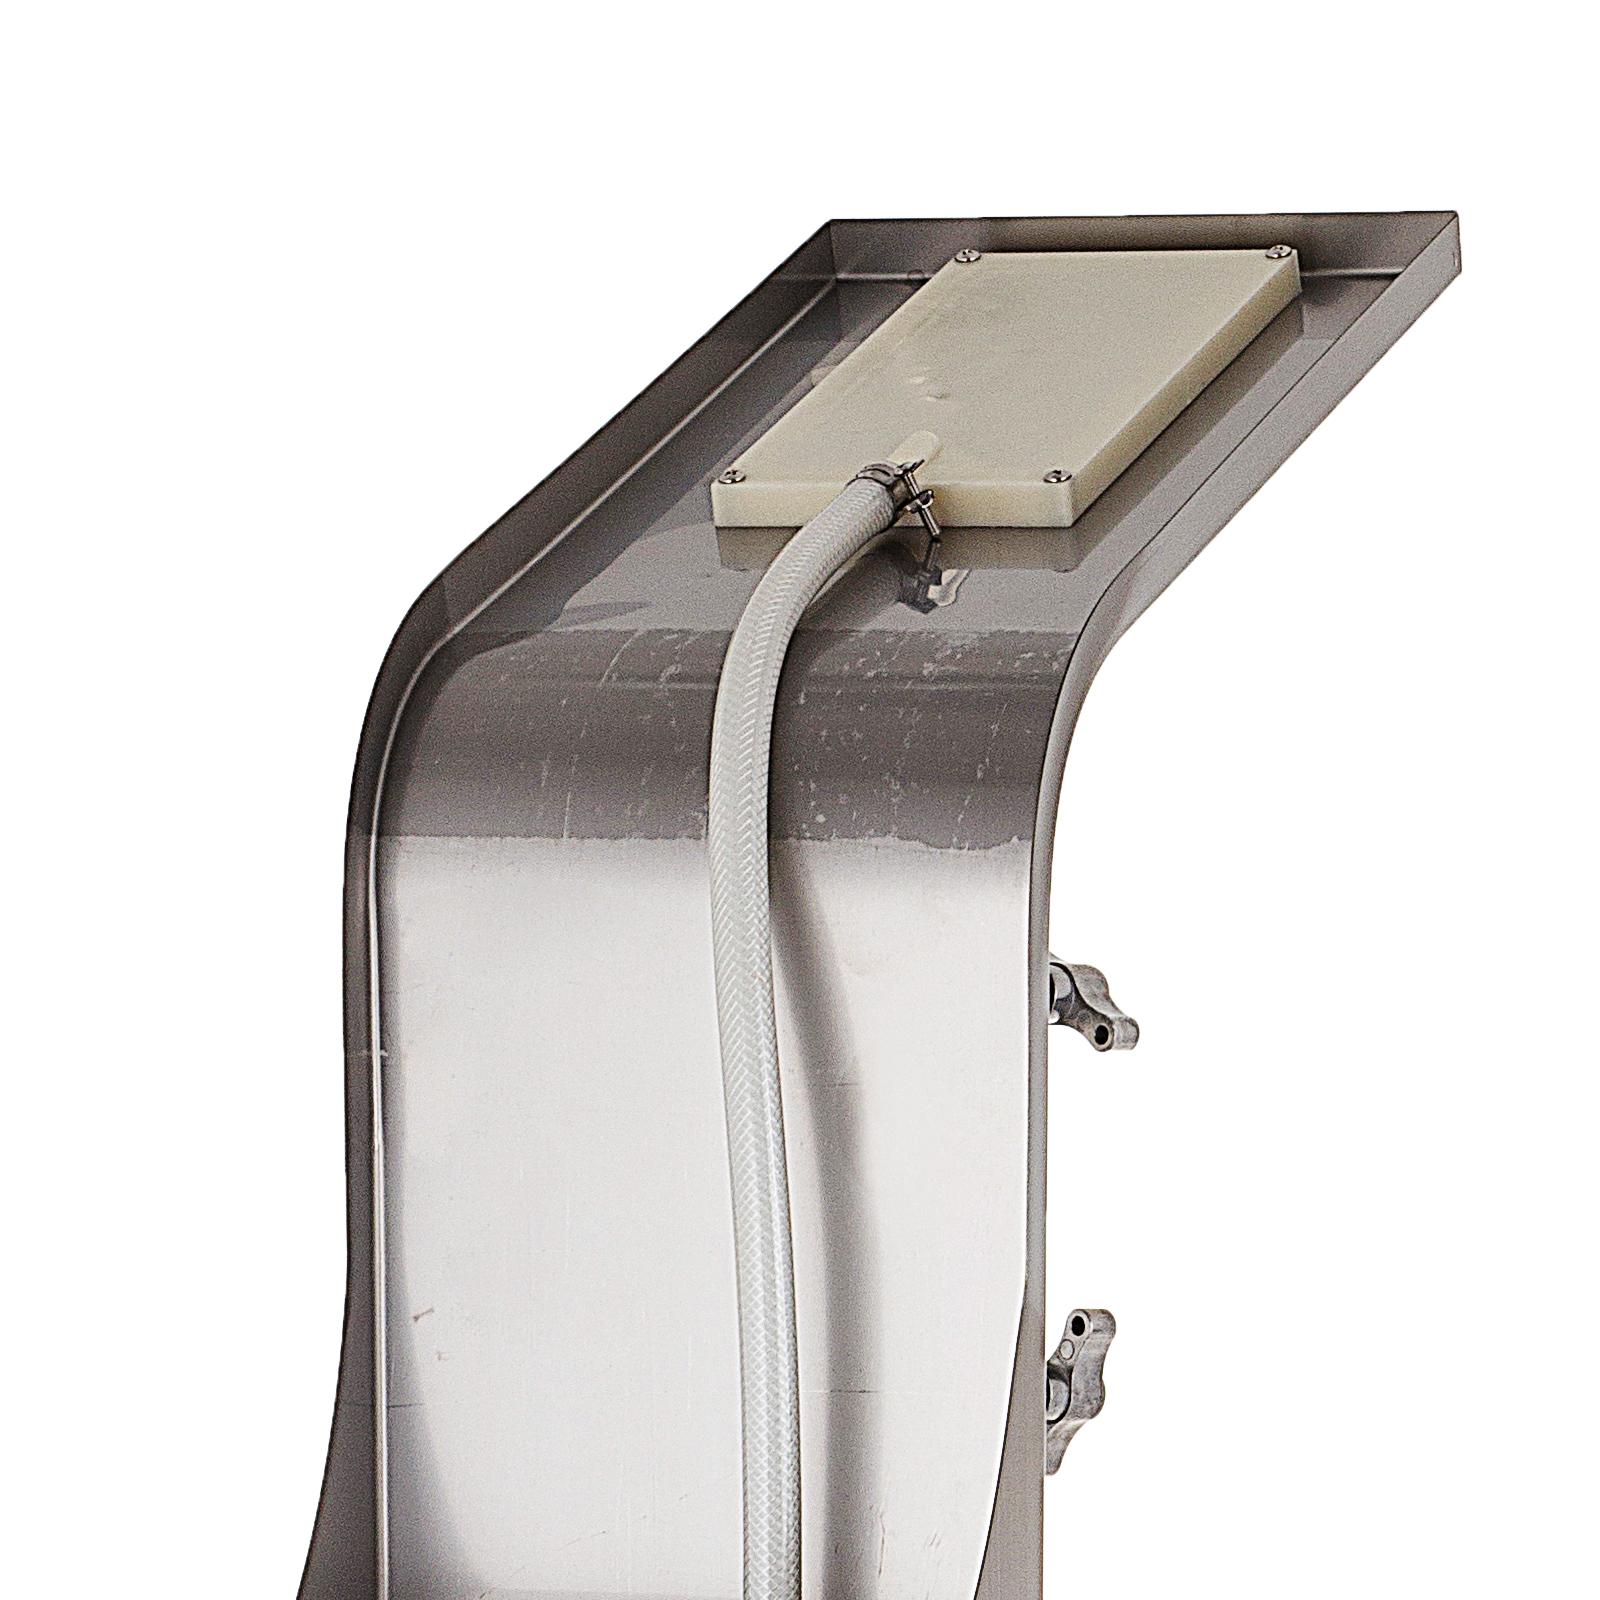 Pannello-doccia-idromassaggio-colonna-in-acciaio-inossidabile-con-miscelatore miniatura 58